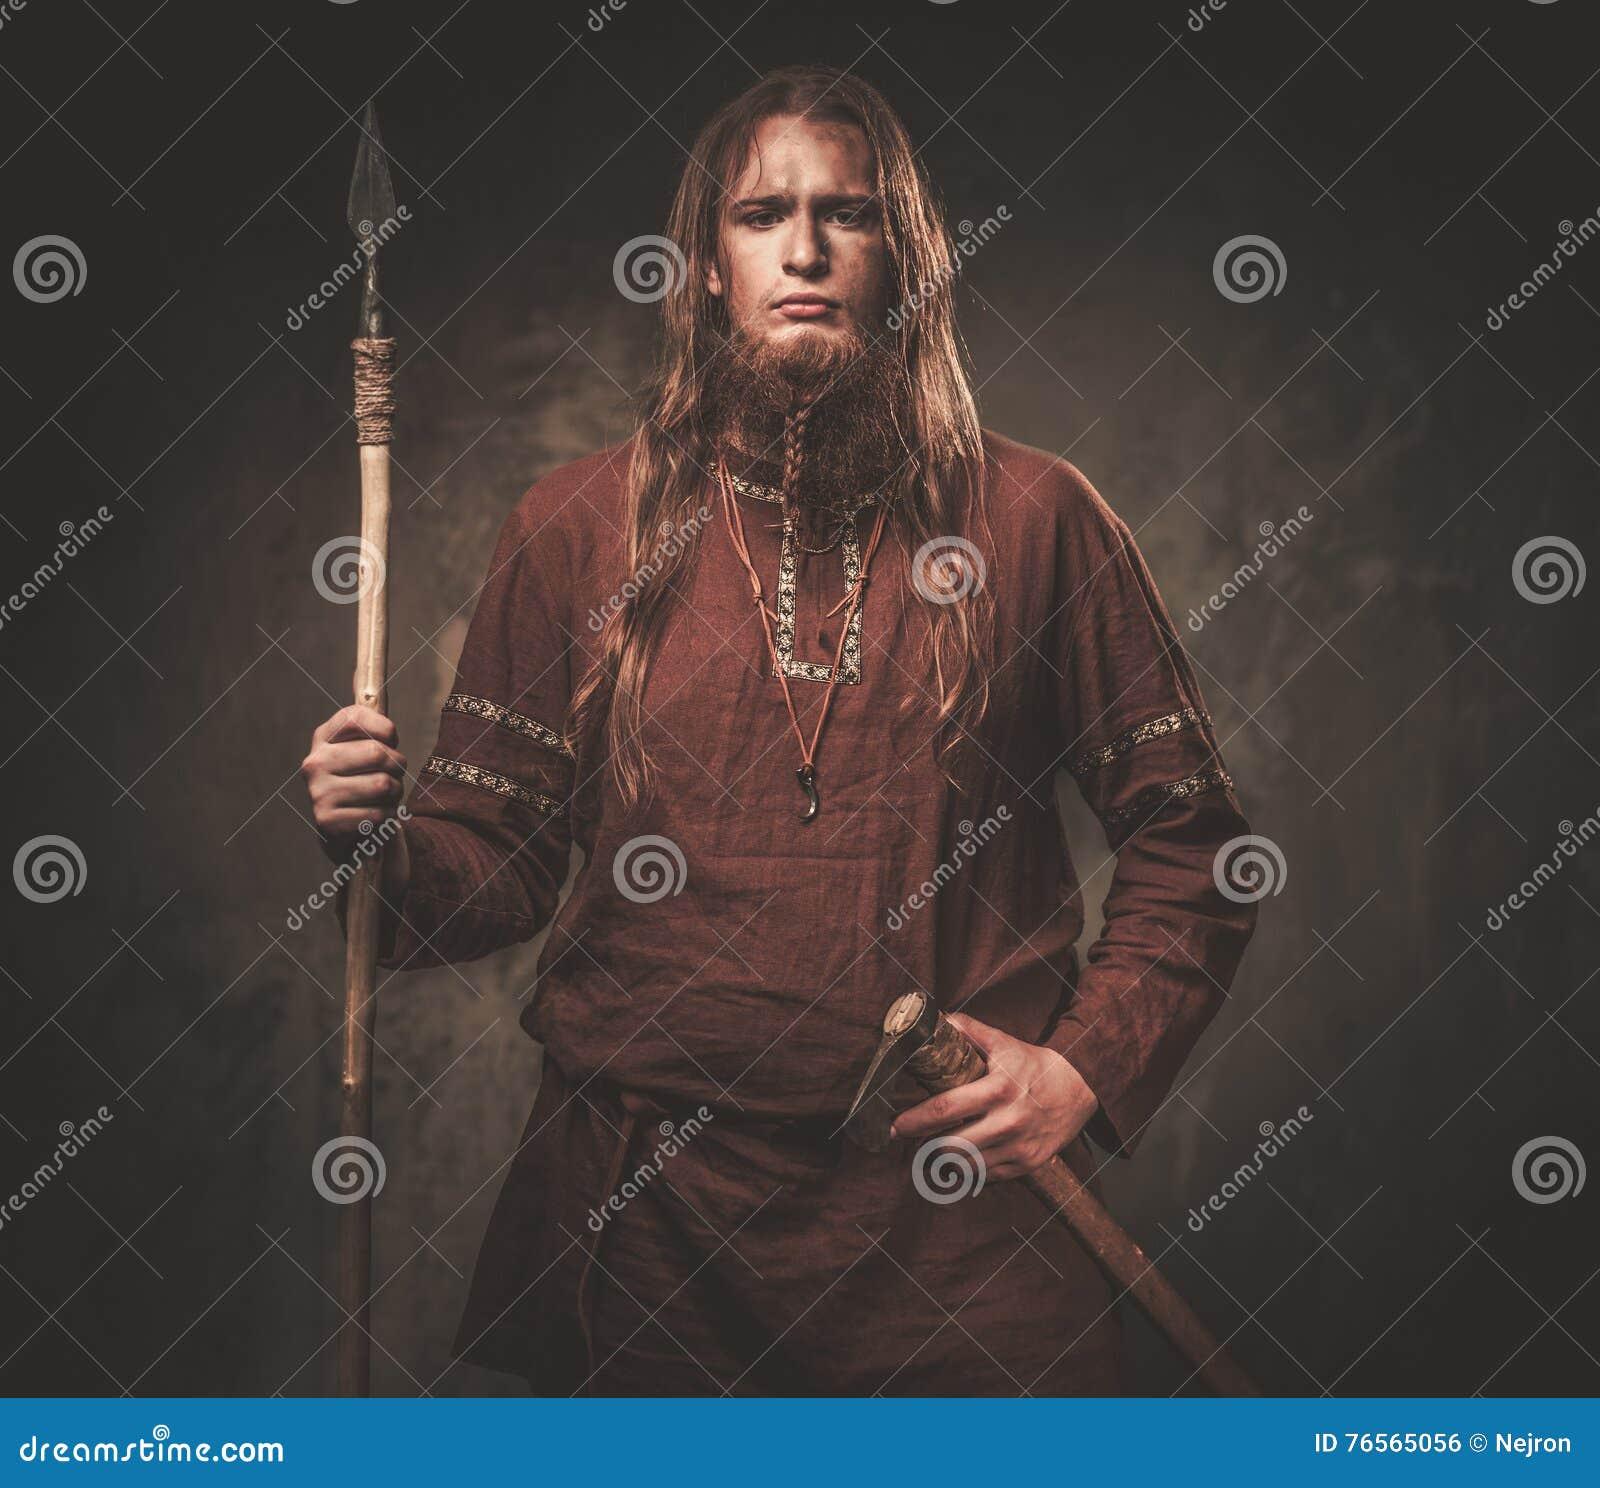 Viking sérieux avec une lance dans un guerrier traditionnel vêtx, posant sur un fond foncé